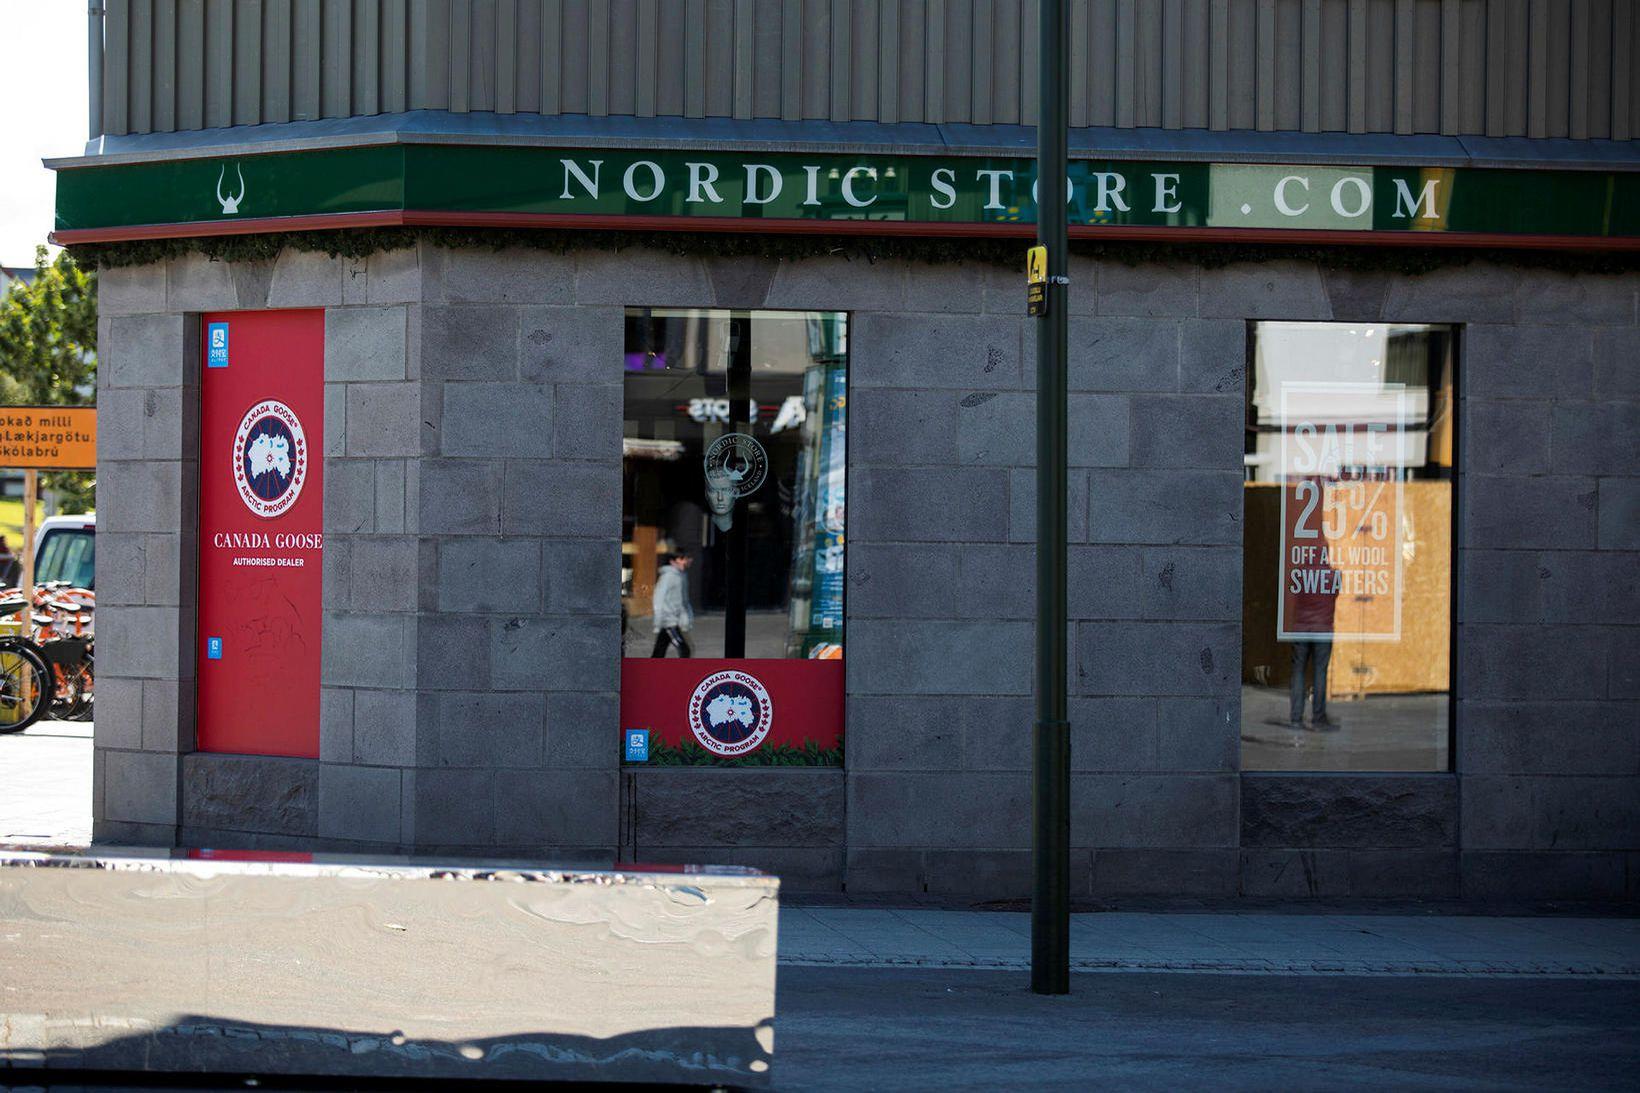 Áformað er að loka öllum verslunum Nordic Store.